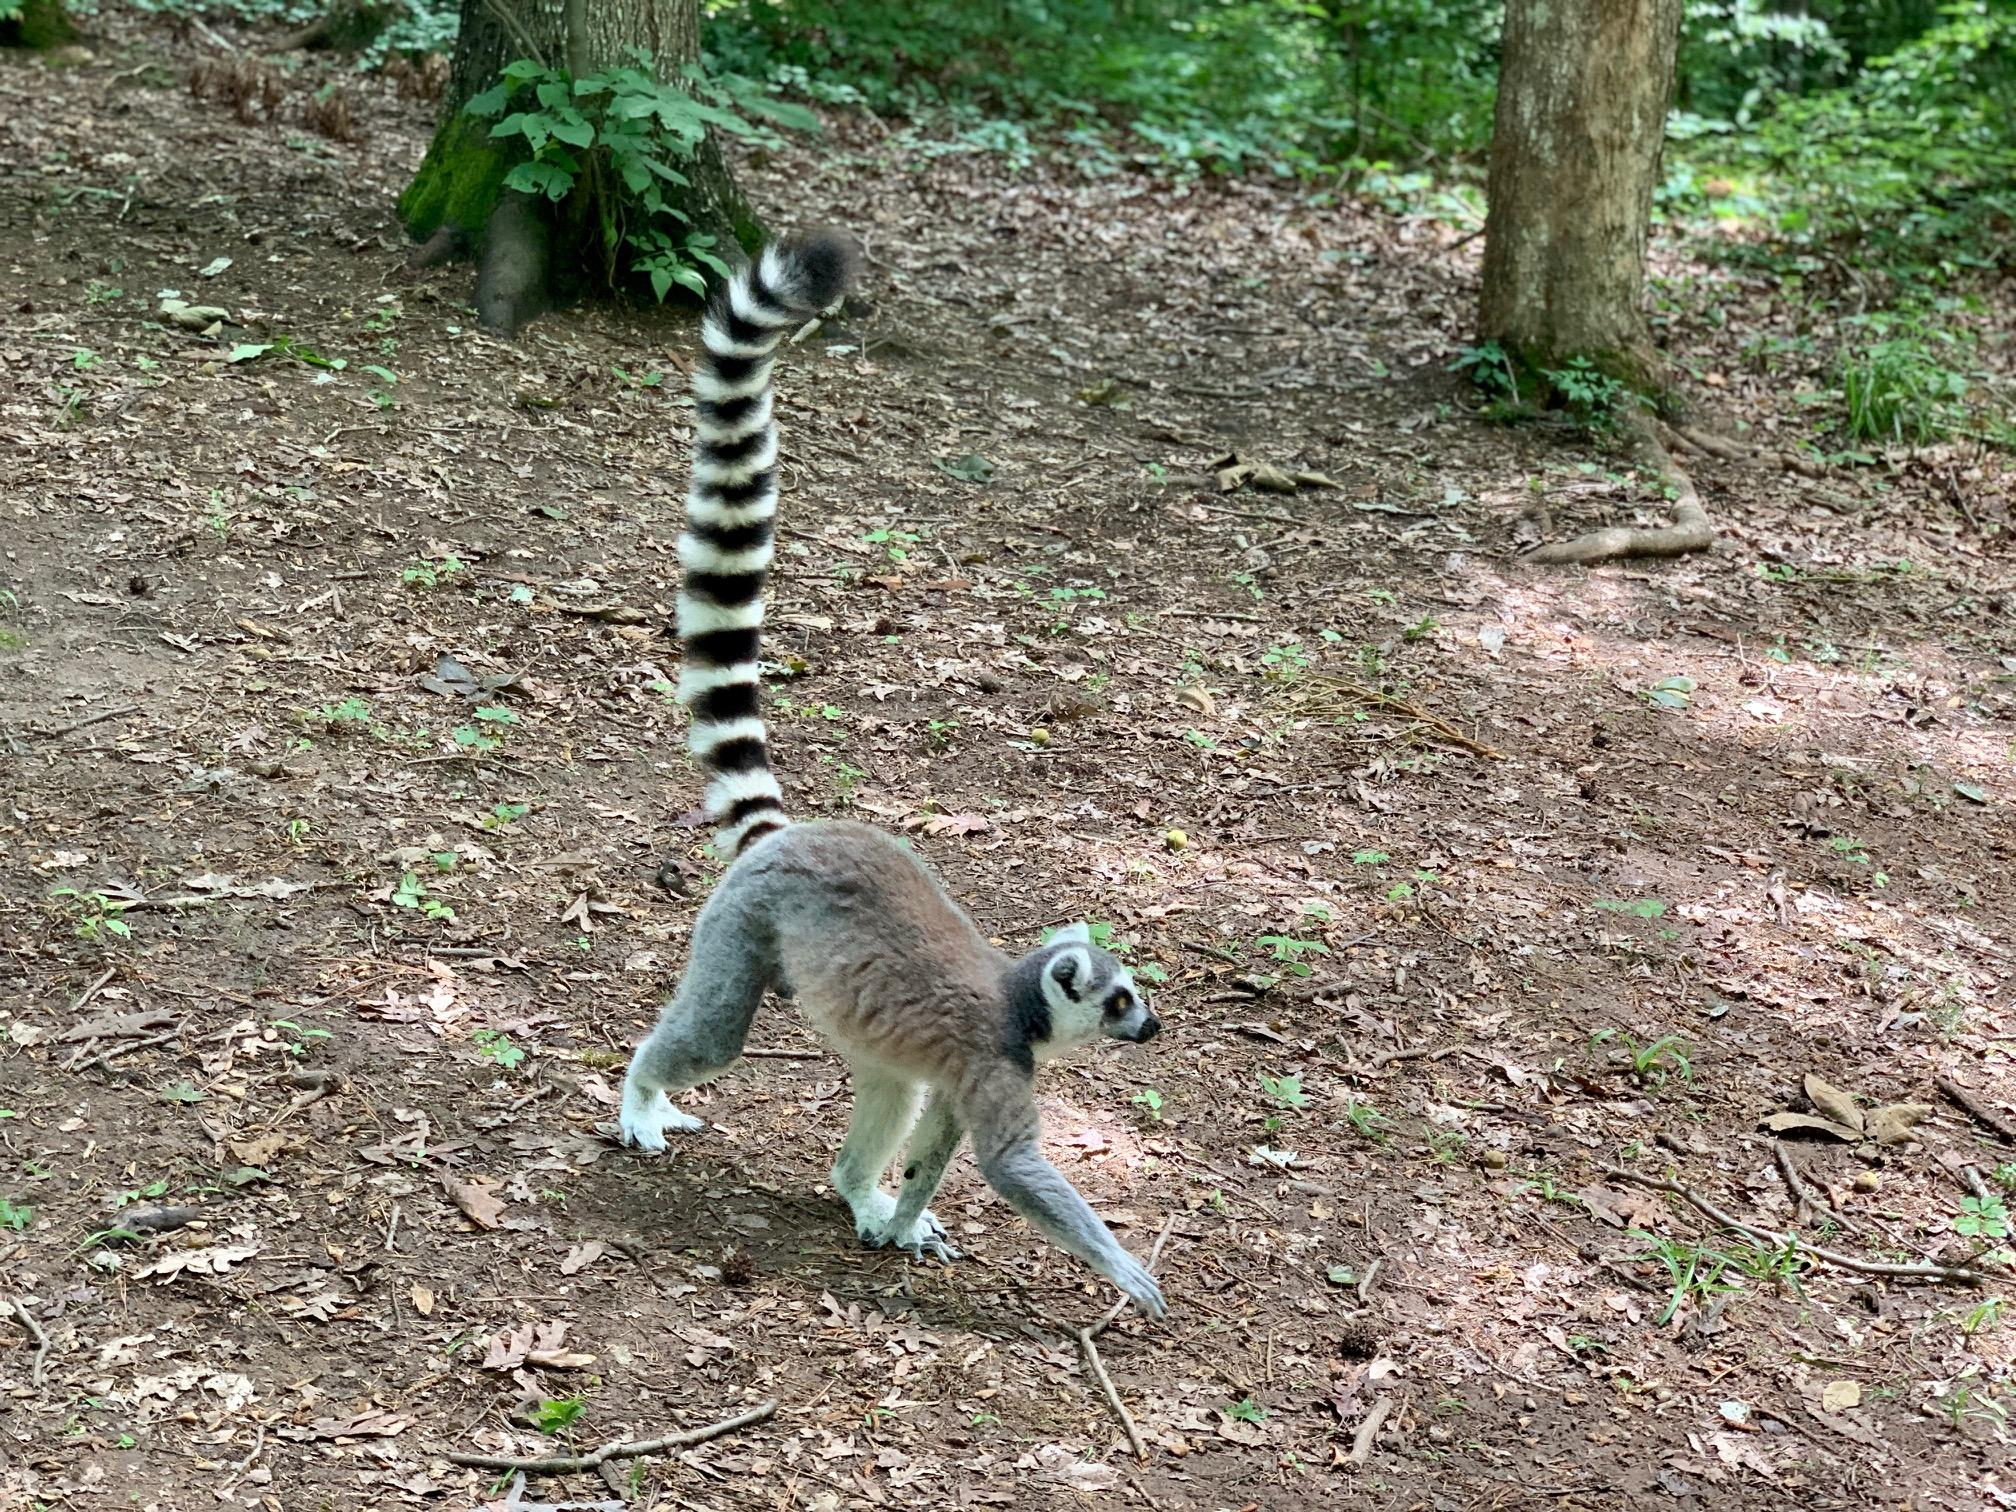 Ring tailed lemur walking